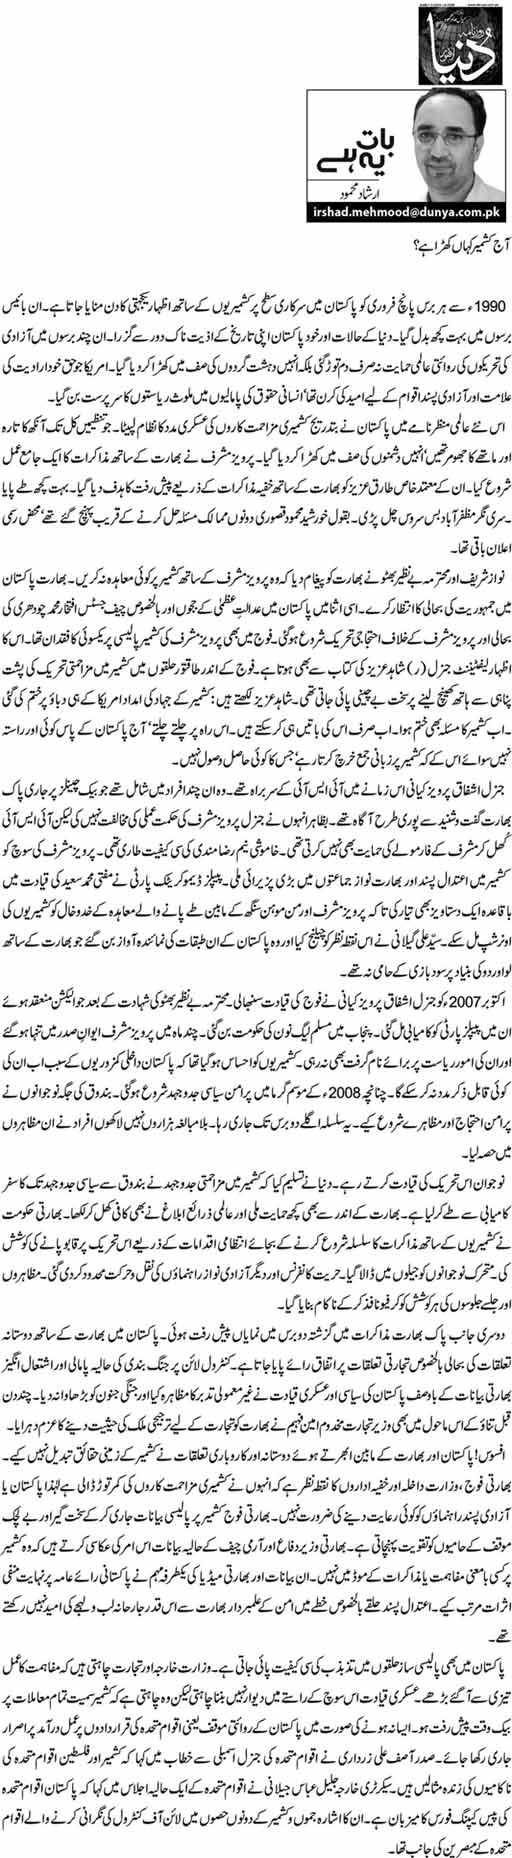 Aj Kashmir kahan khara hai? - Irshad Mehmood